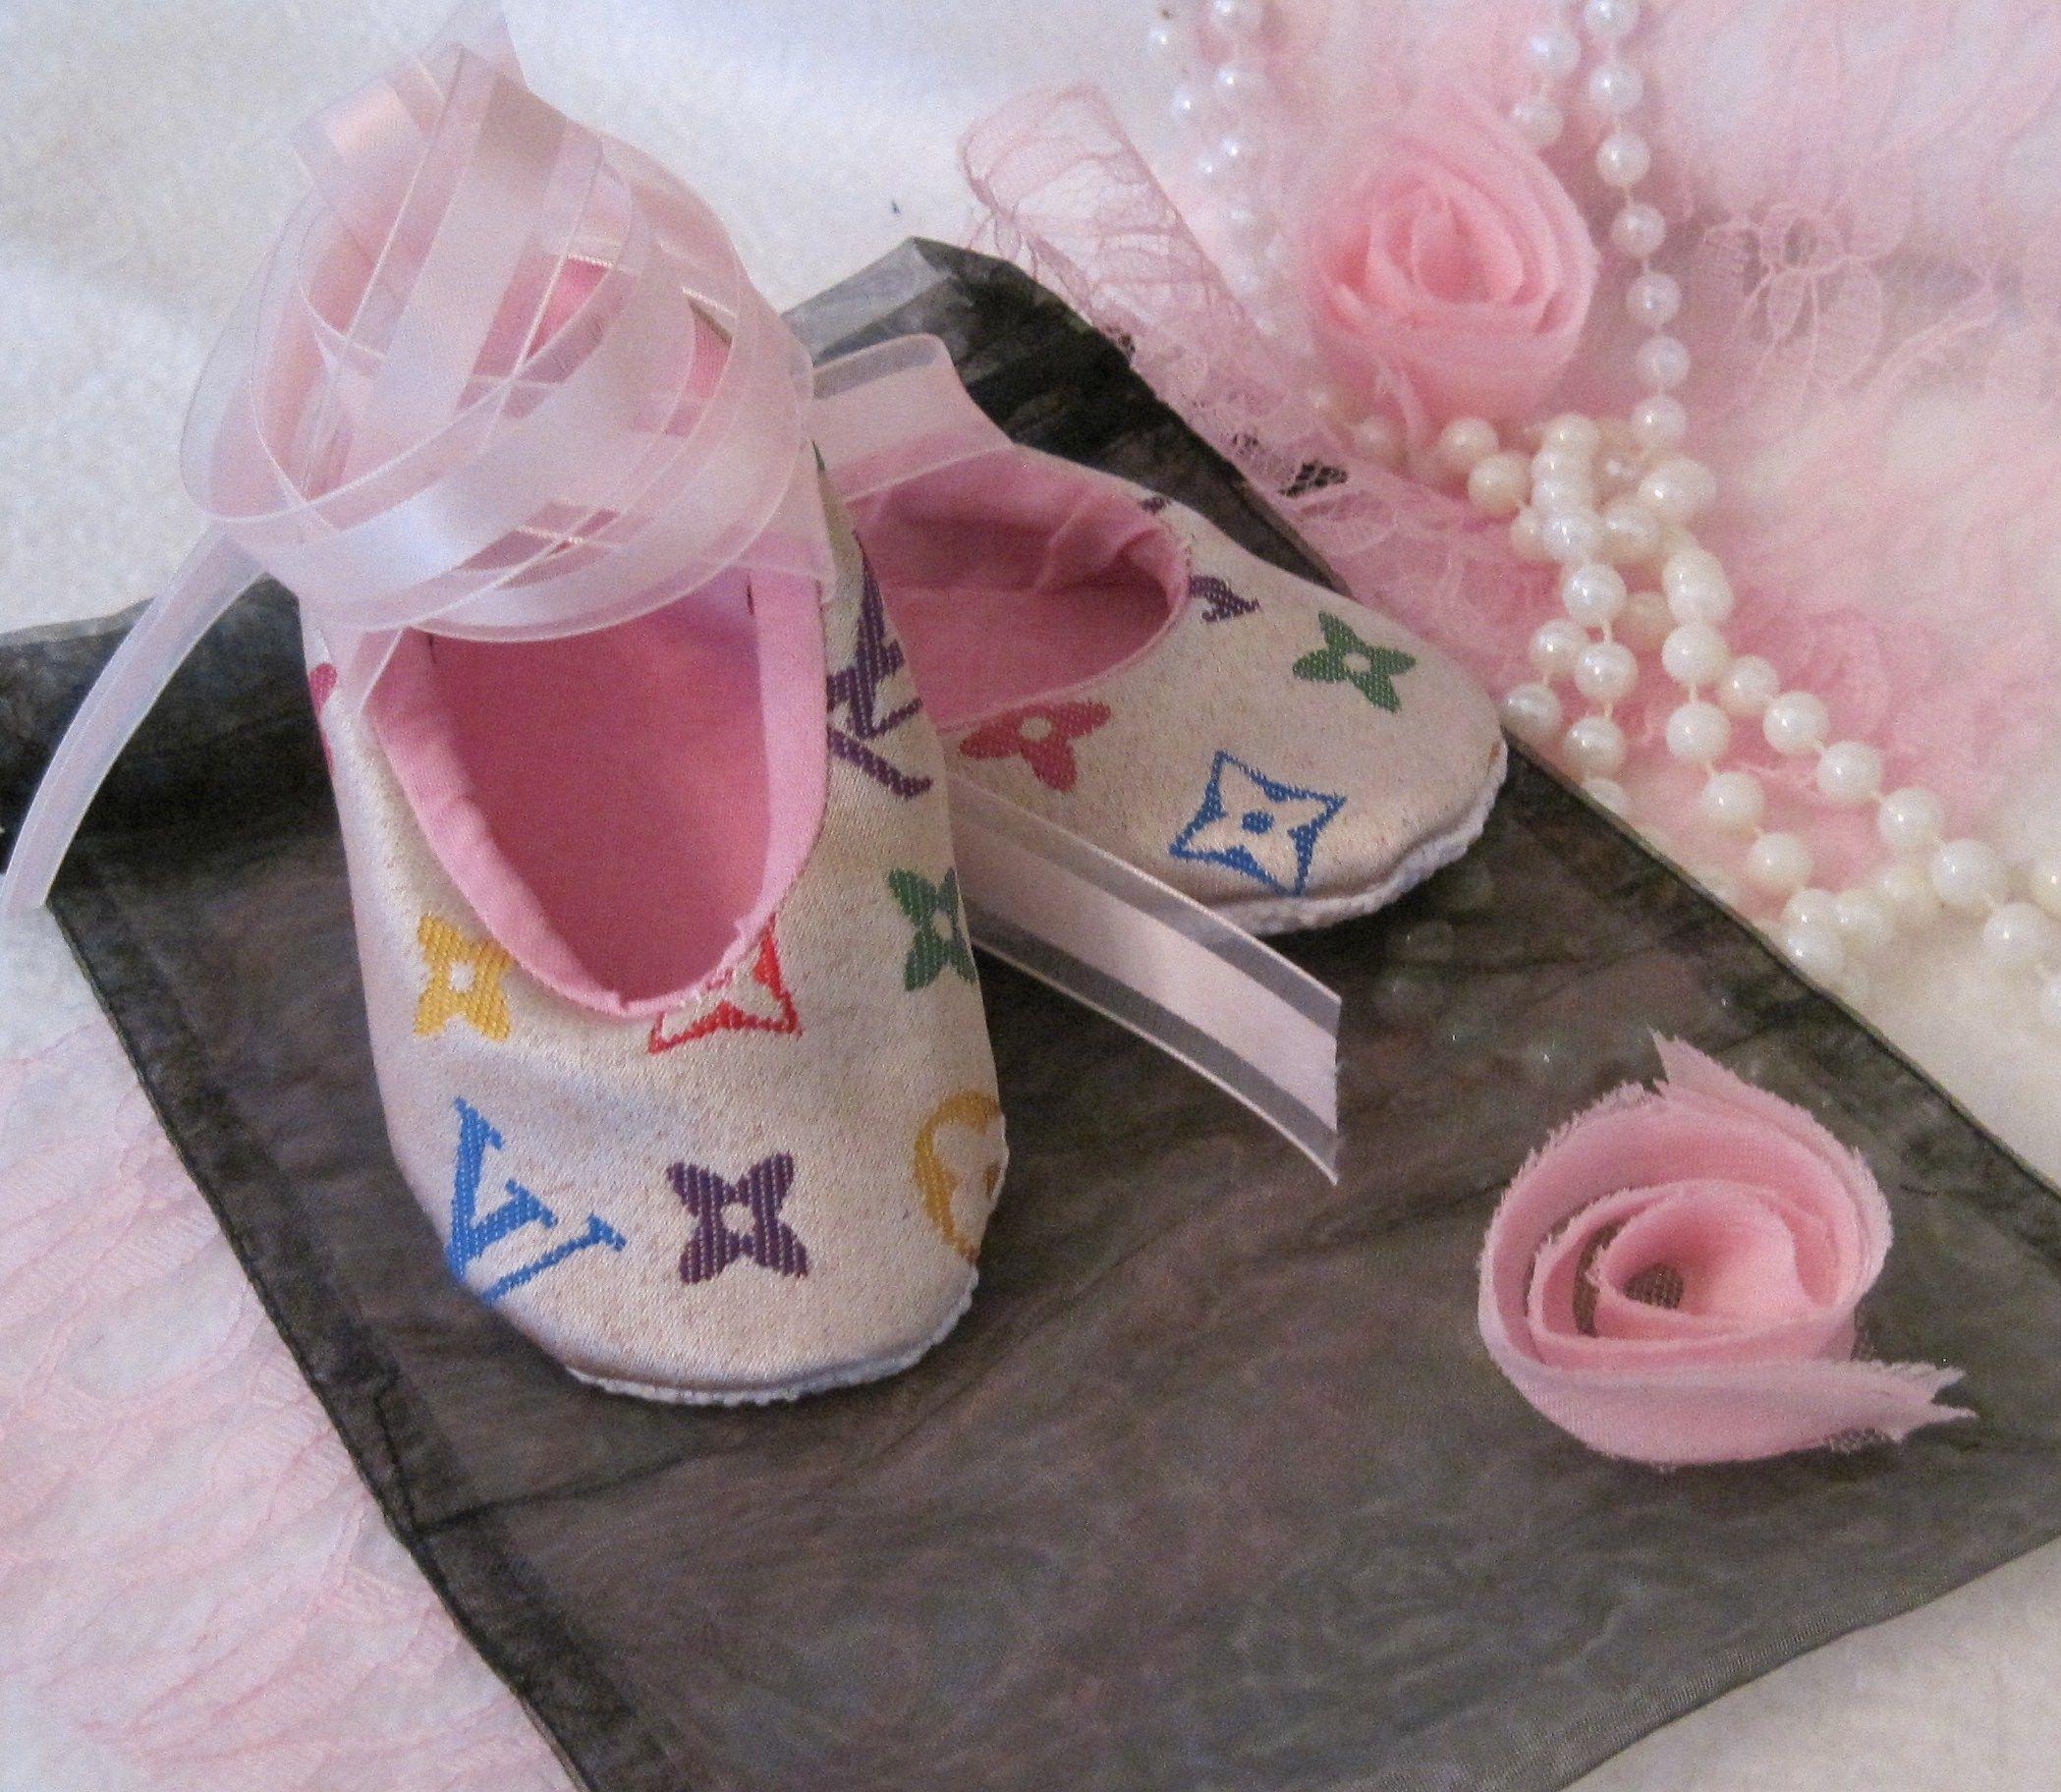 9ef658314 Zapatos De Louis Vuitton · Zapatos De Bebé, Ropa, Zapatos De Niñas  Pequeñas, Zapatos De Chicas, Tienda